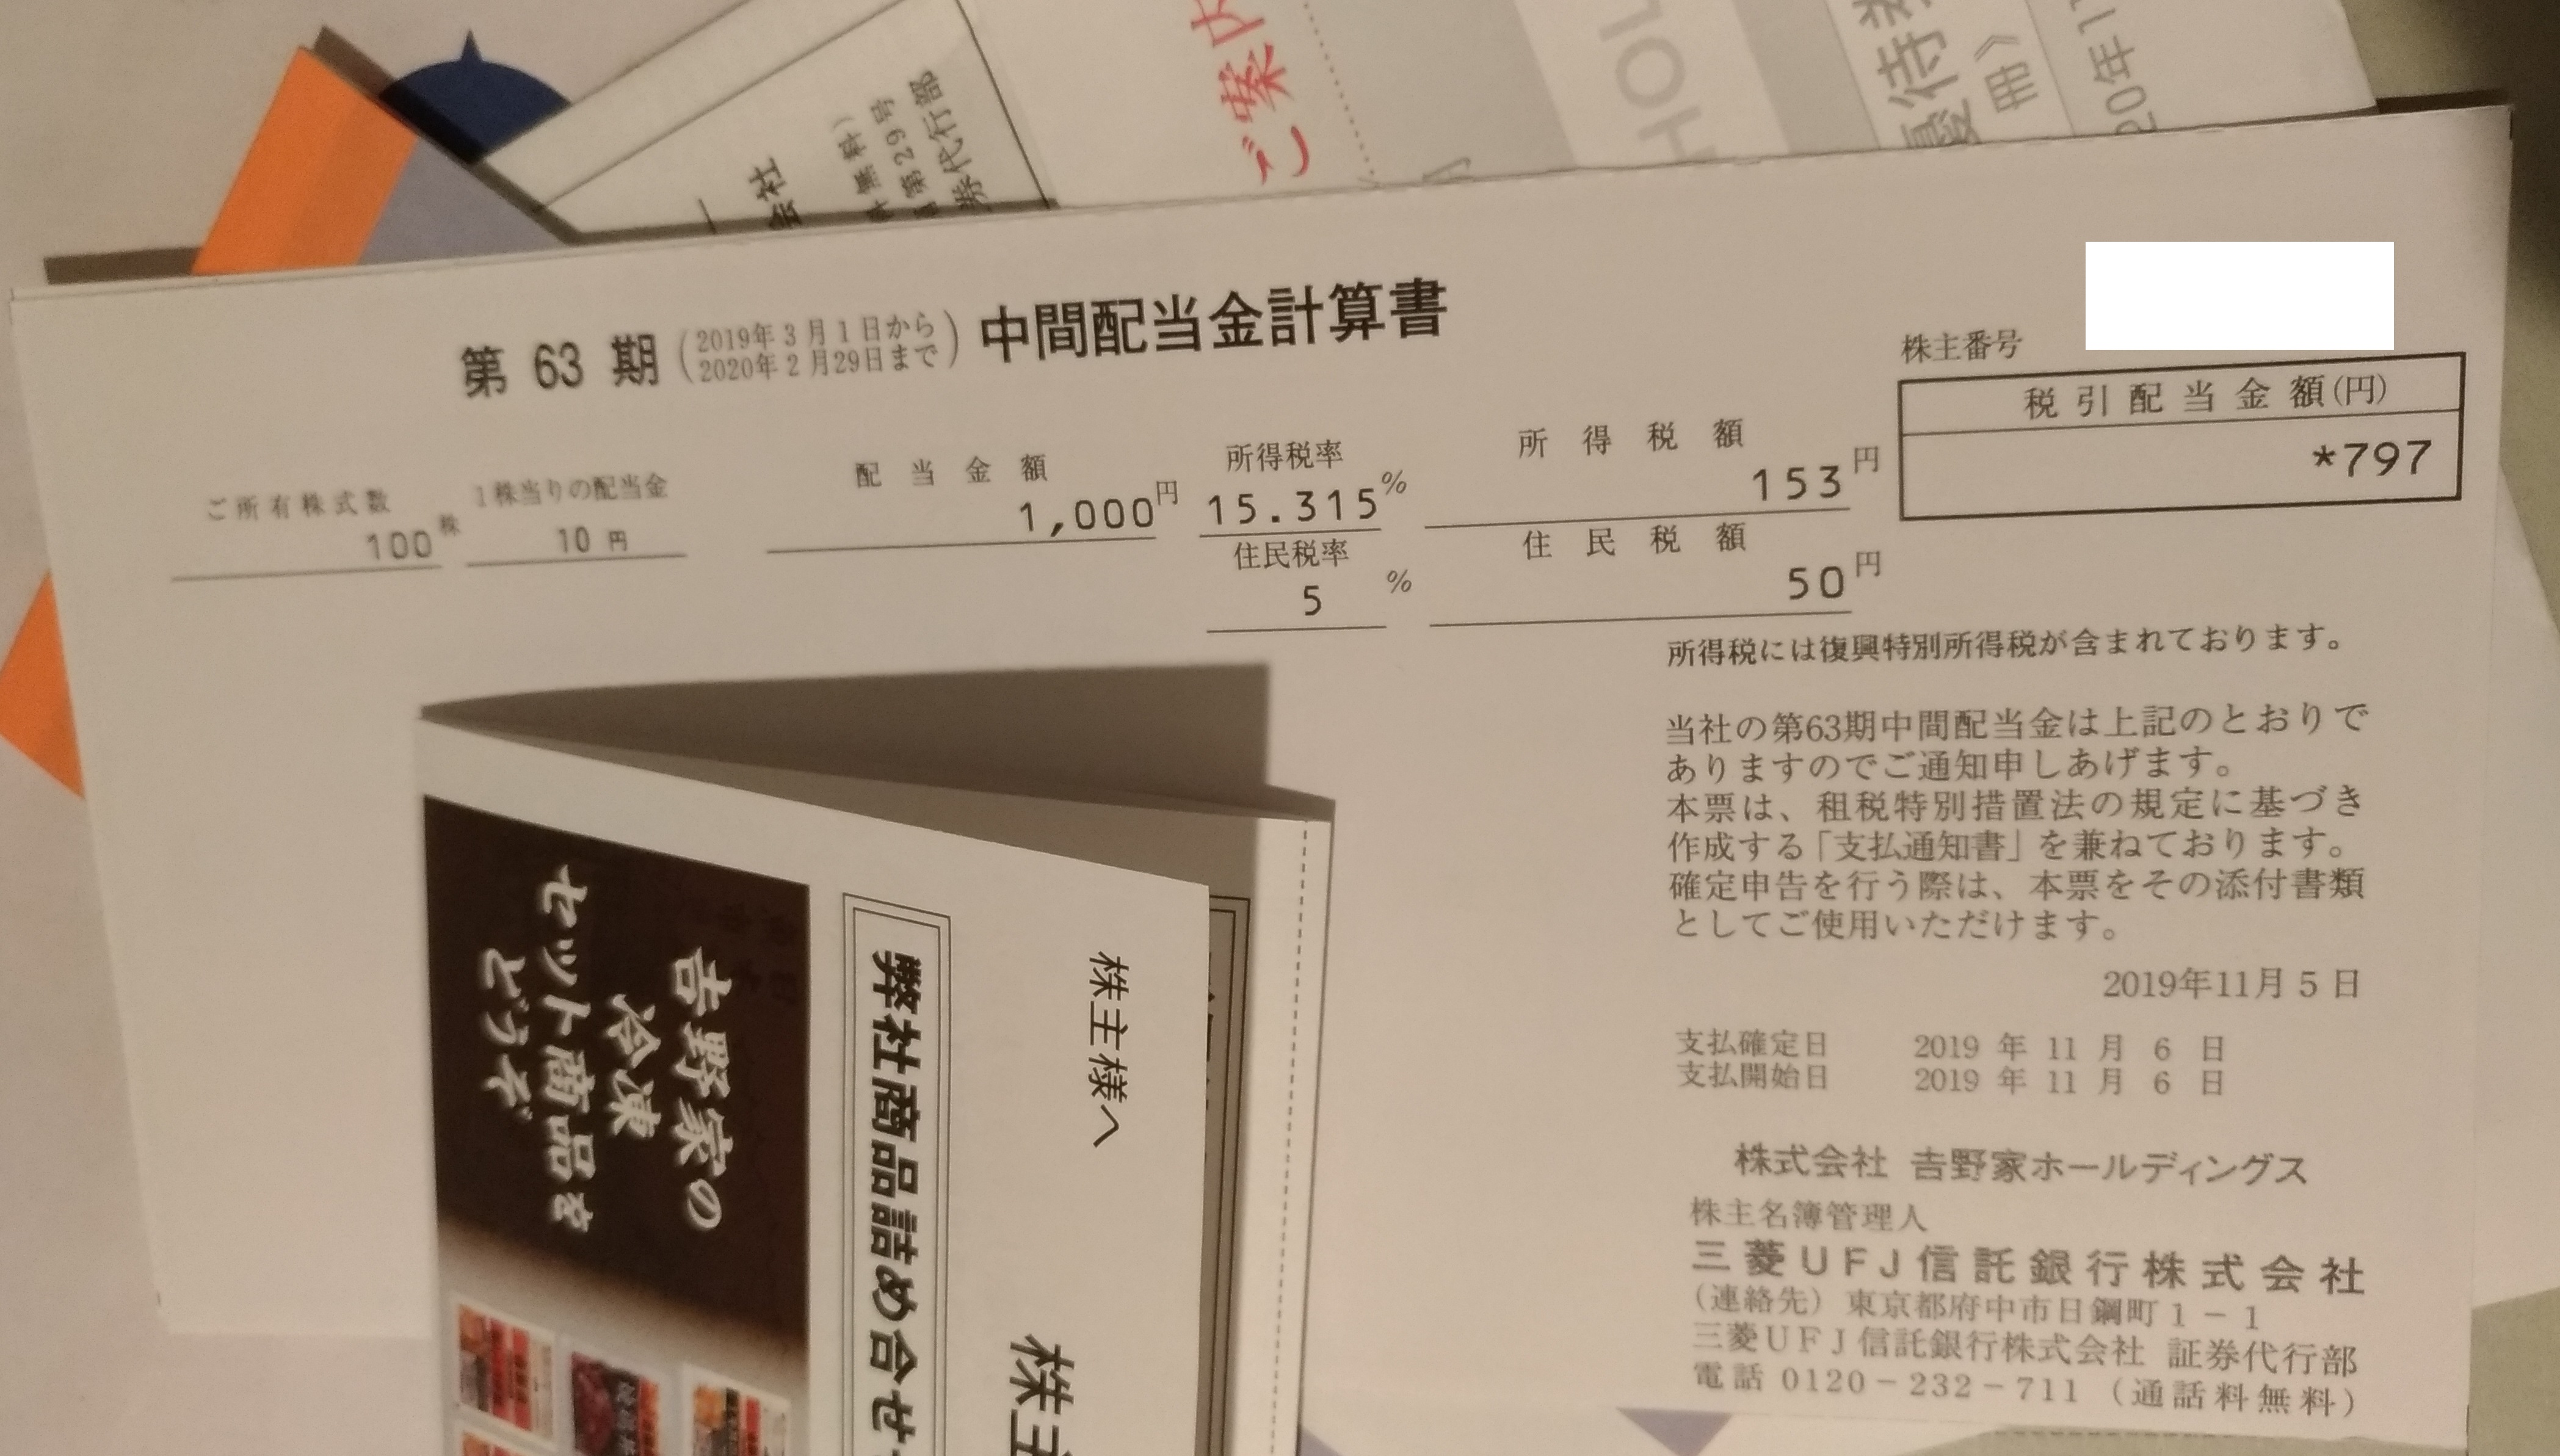 haito_ikura_yoshinoya201911_1.jpg